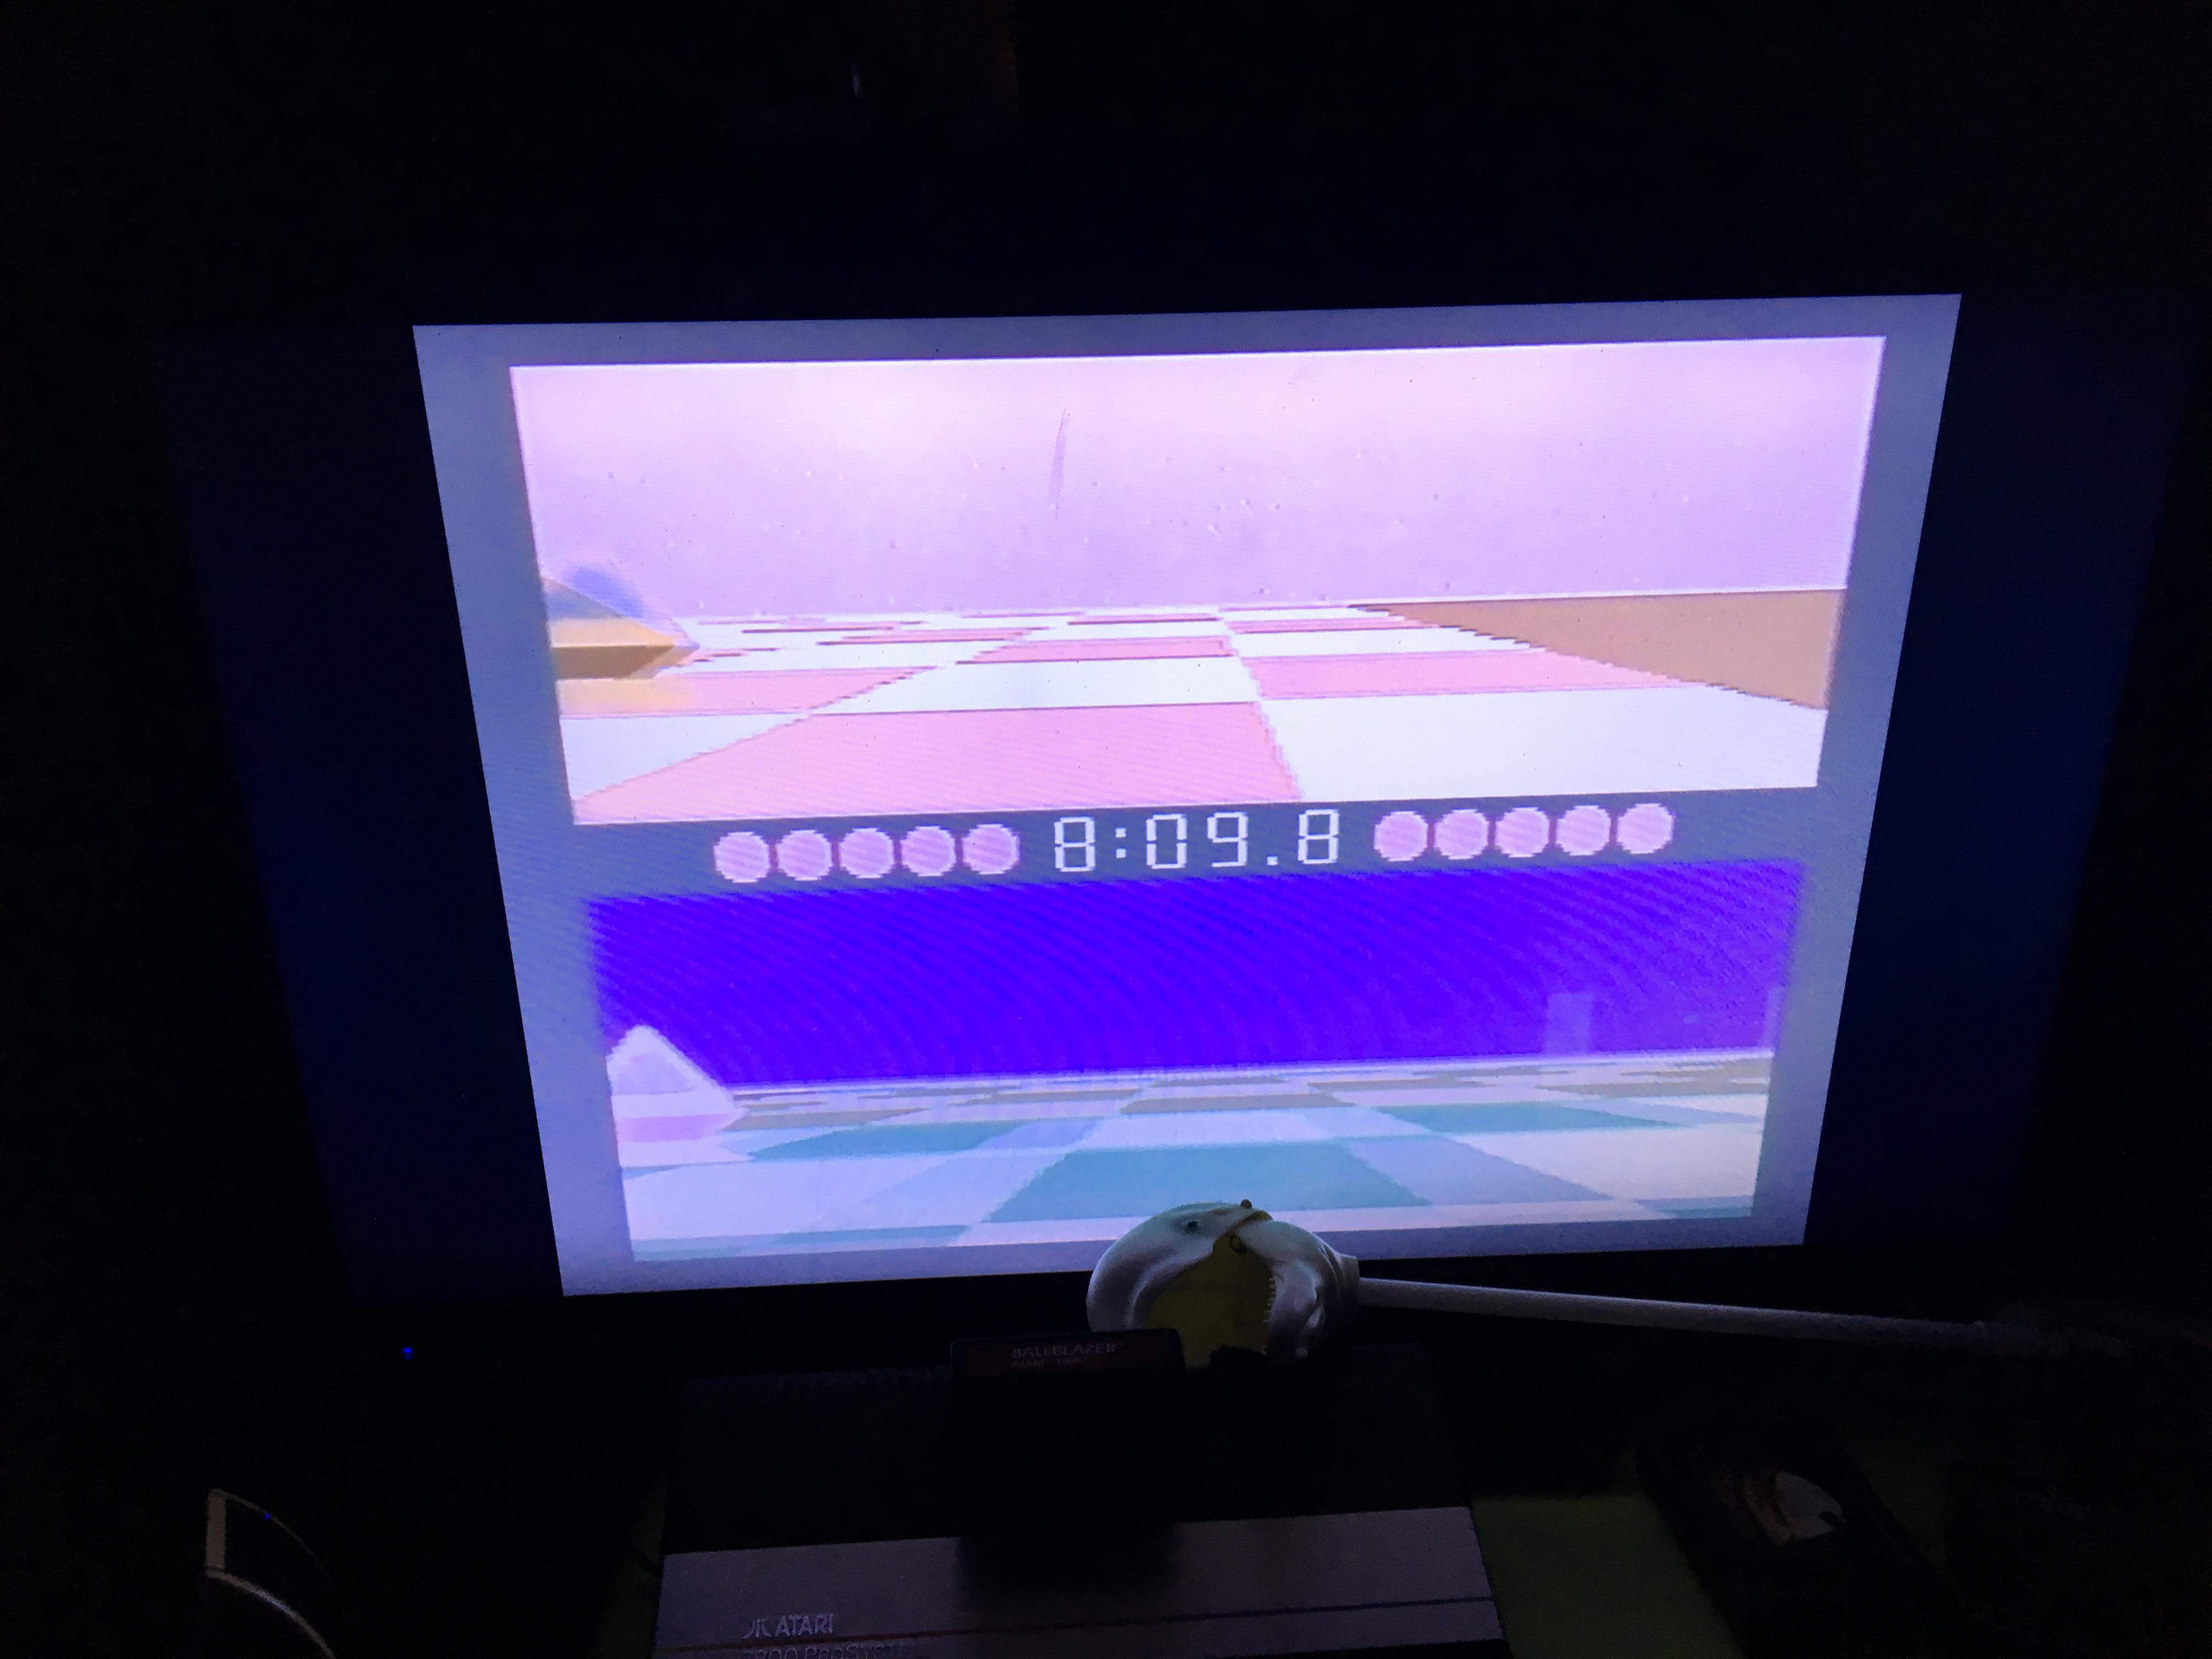 Ballblazer: Droid 4 / 9 minutes 10 points